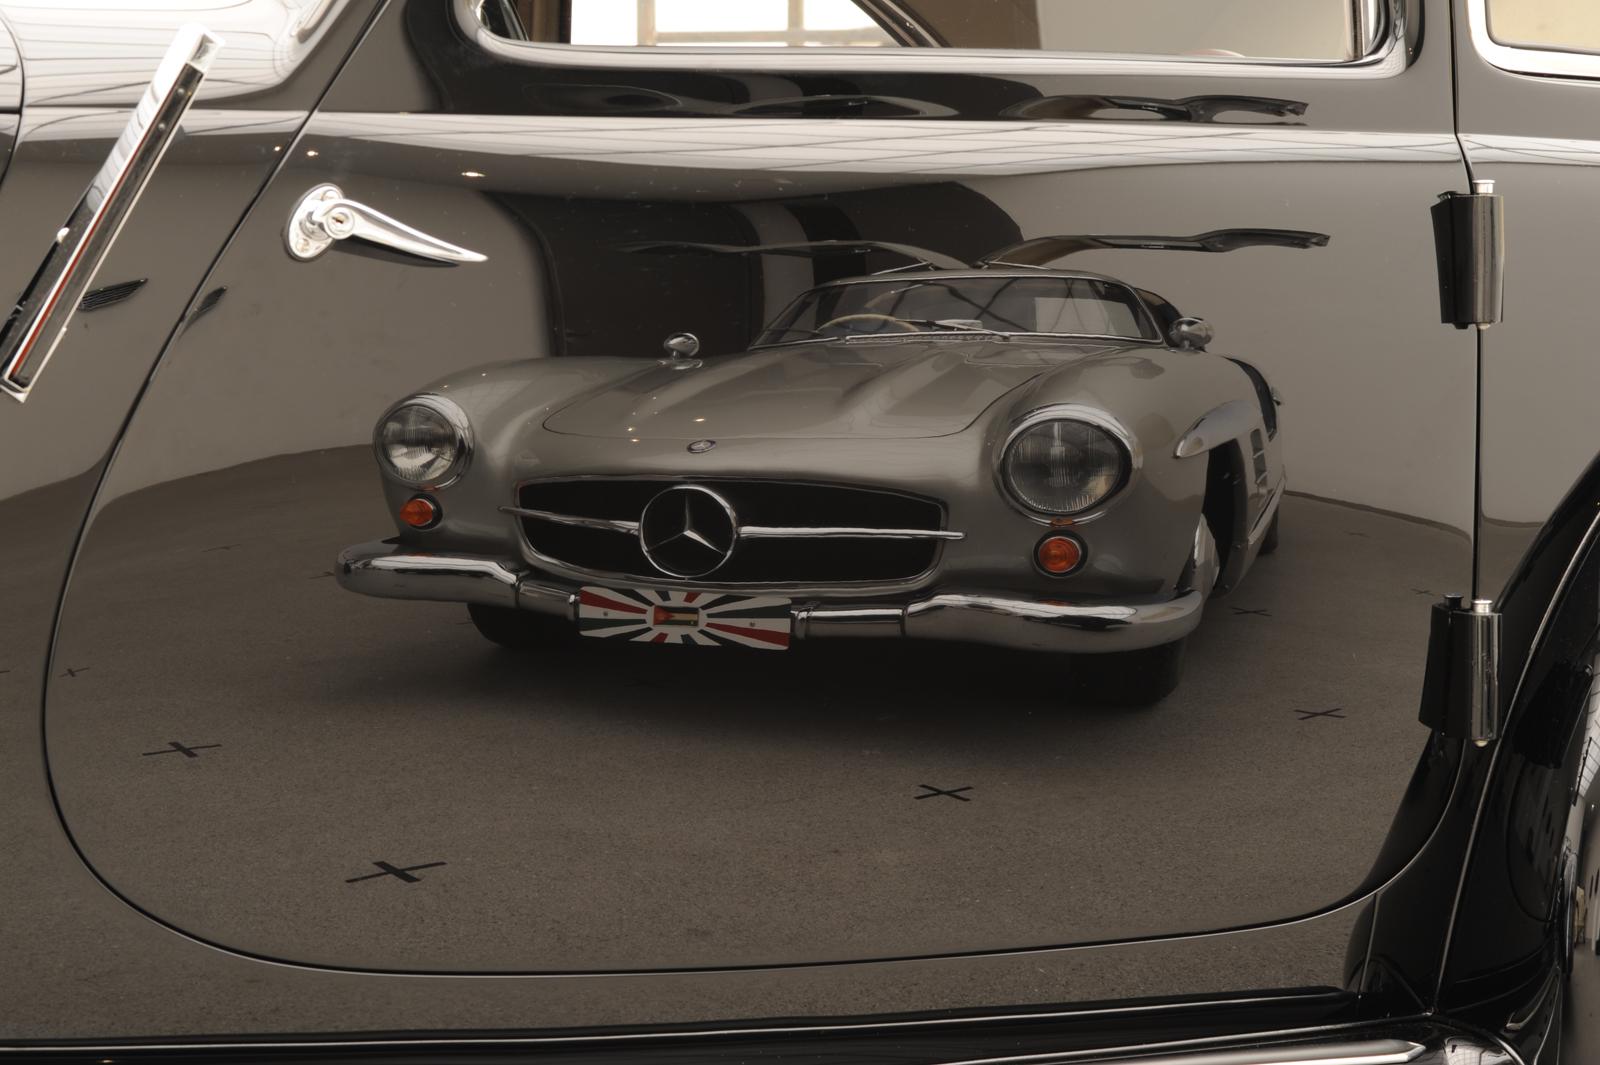 """Выставка """"вехи истории автомобильного дизайна - пример Mercedes-Benz"""" в Pinakothek der Moderne) в Мюнхене - фотография №7"""